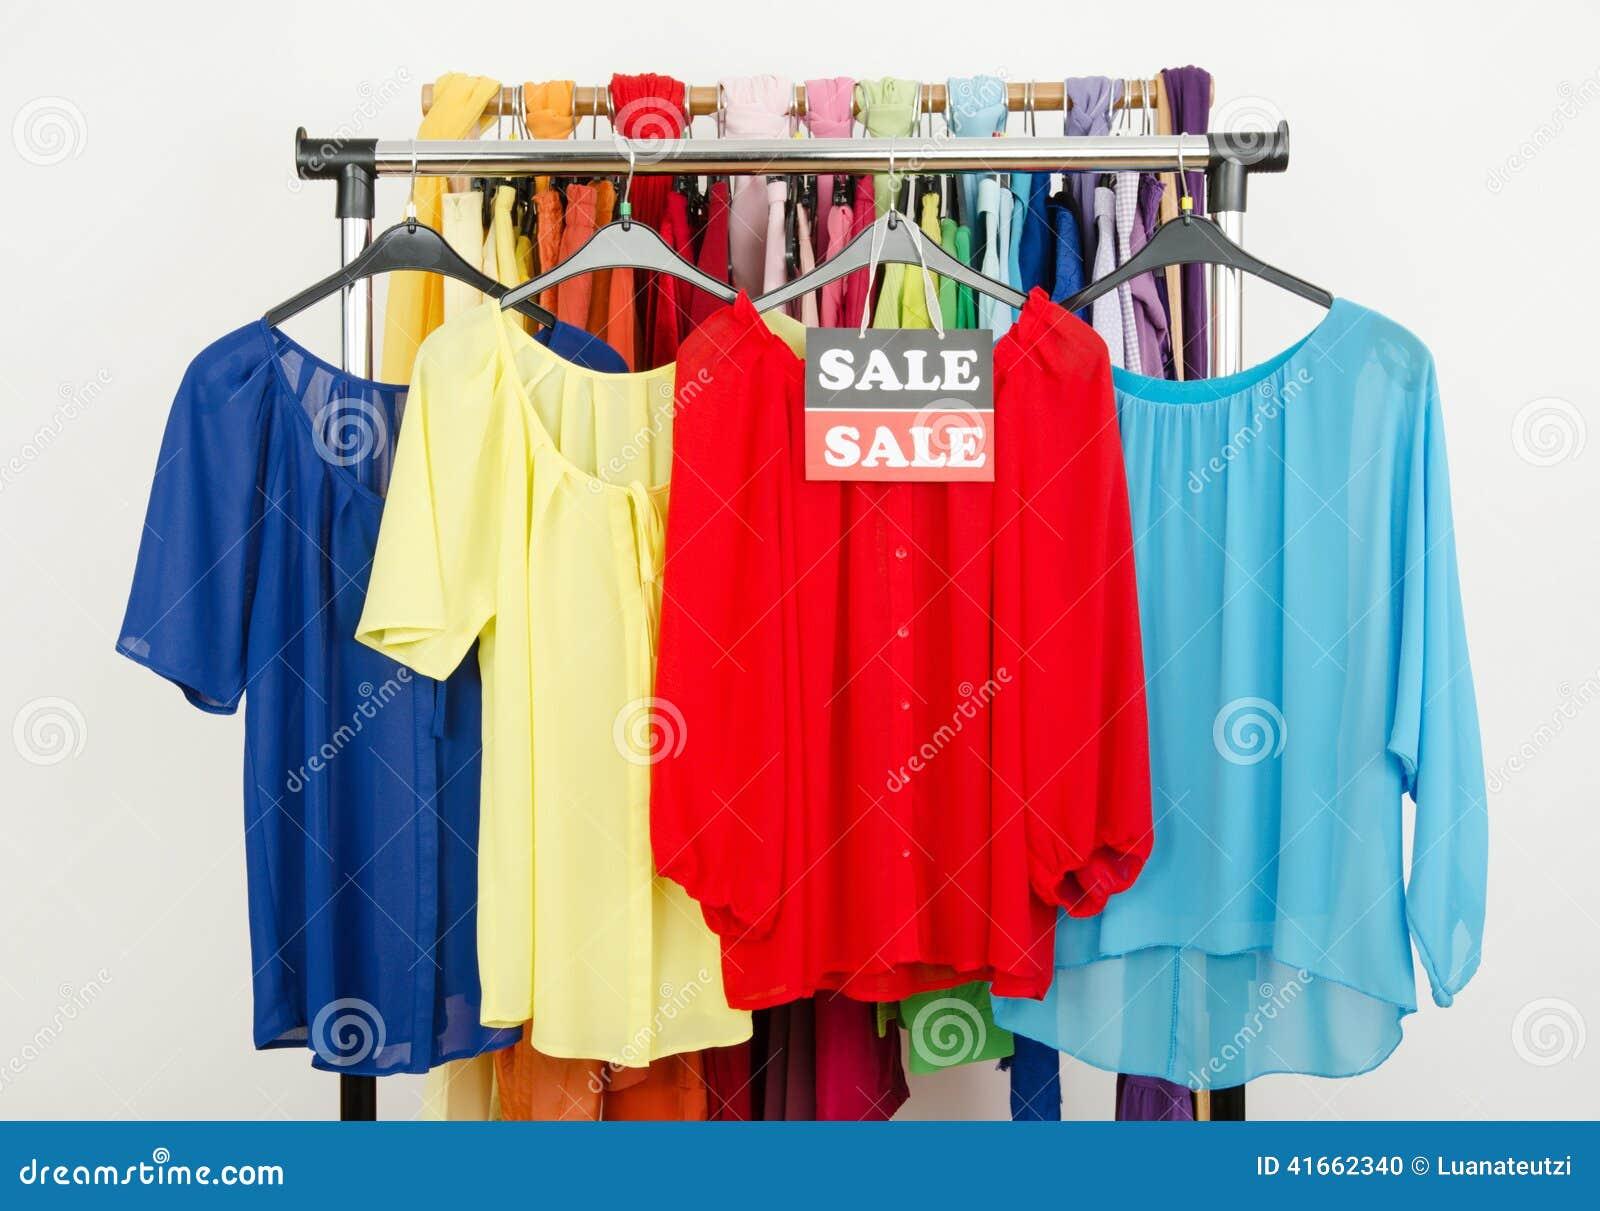 Милые красные, желтые, голубые блузки показанные на вешалках с продажей подписывают